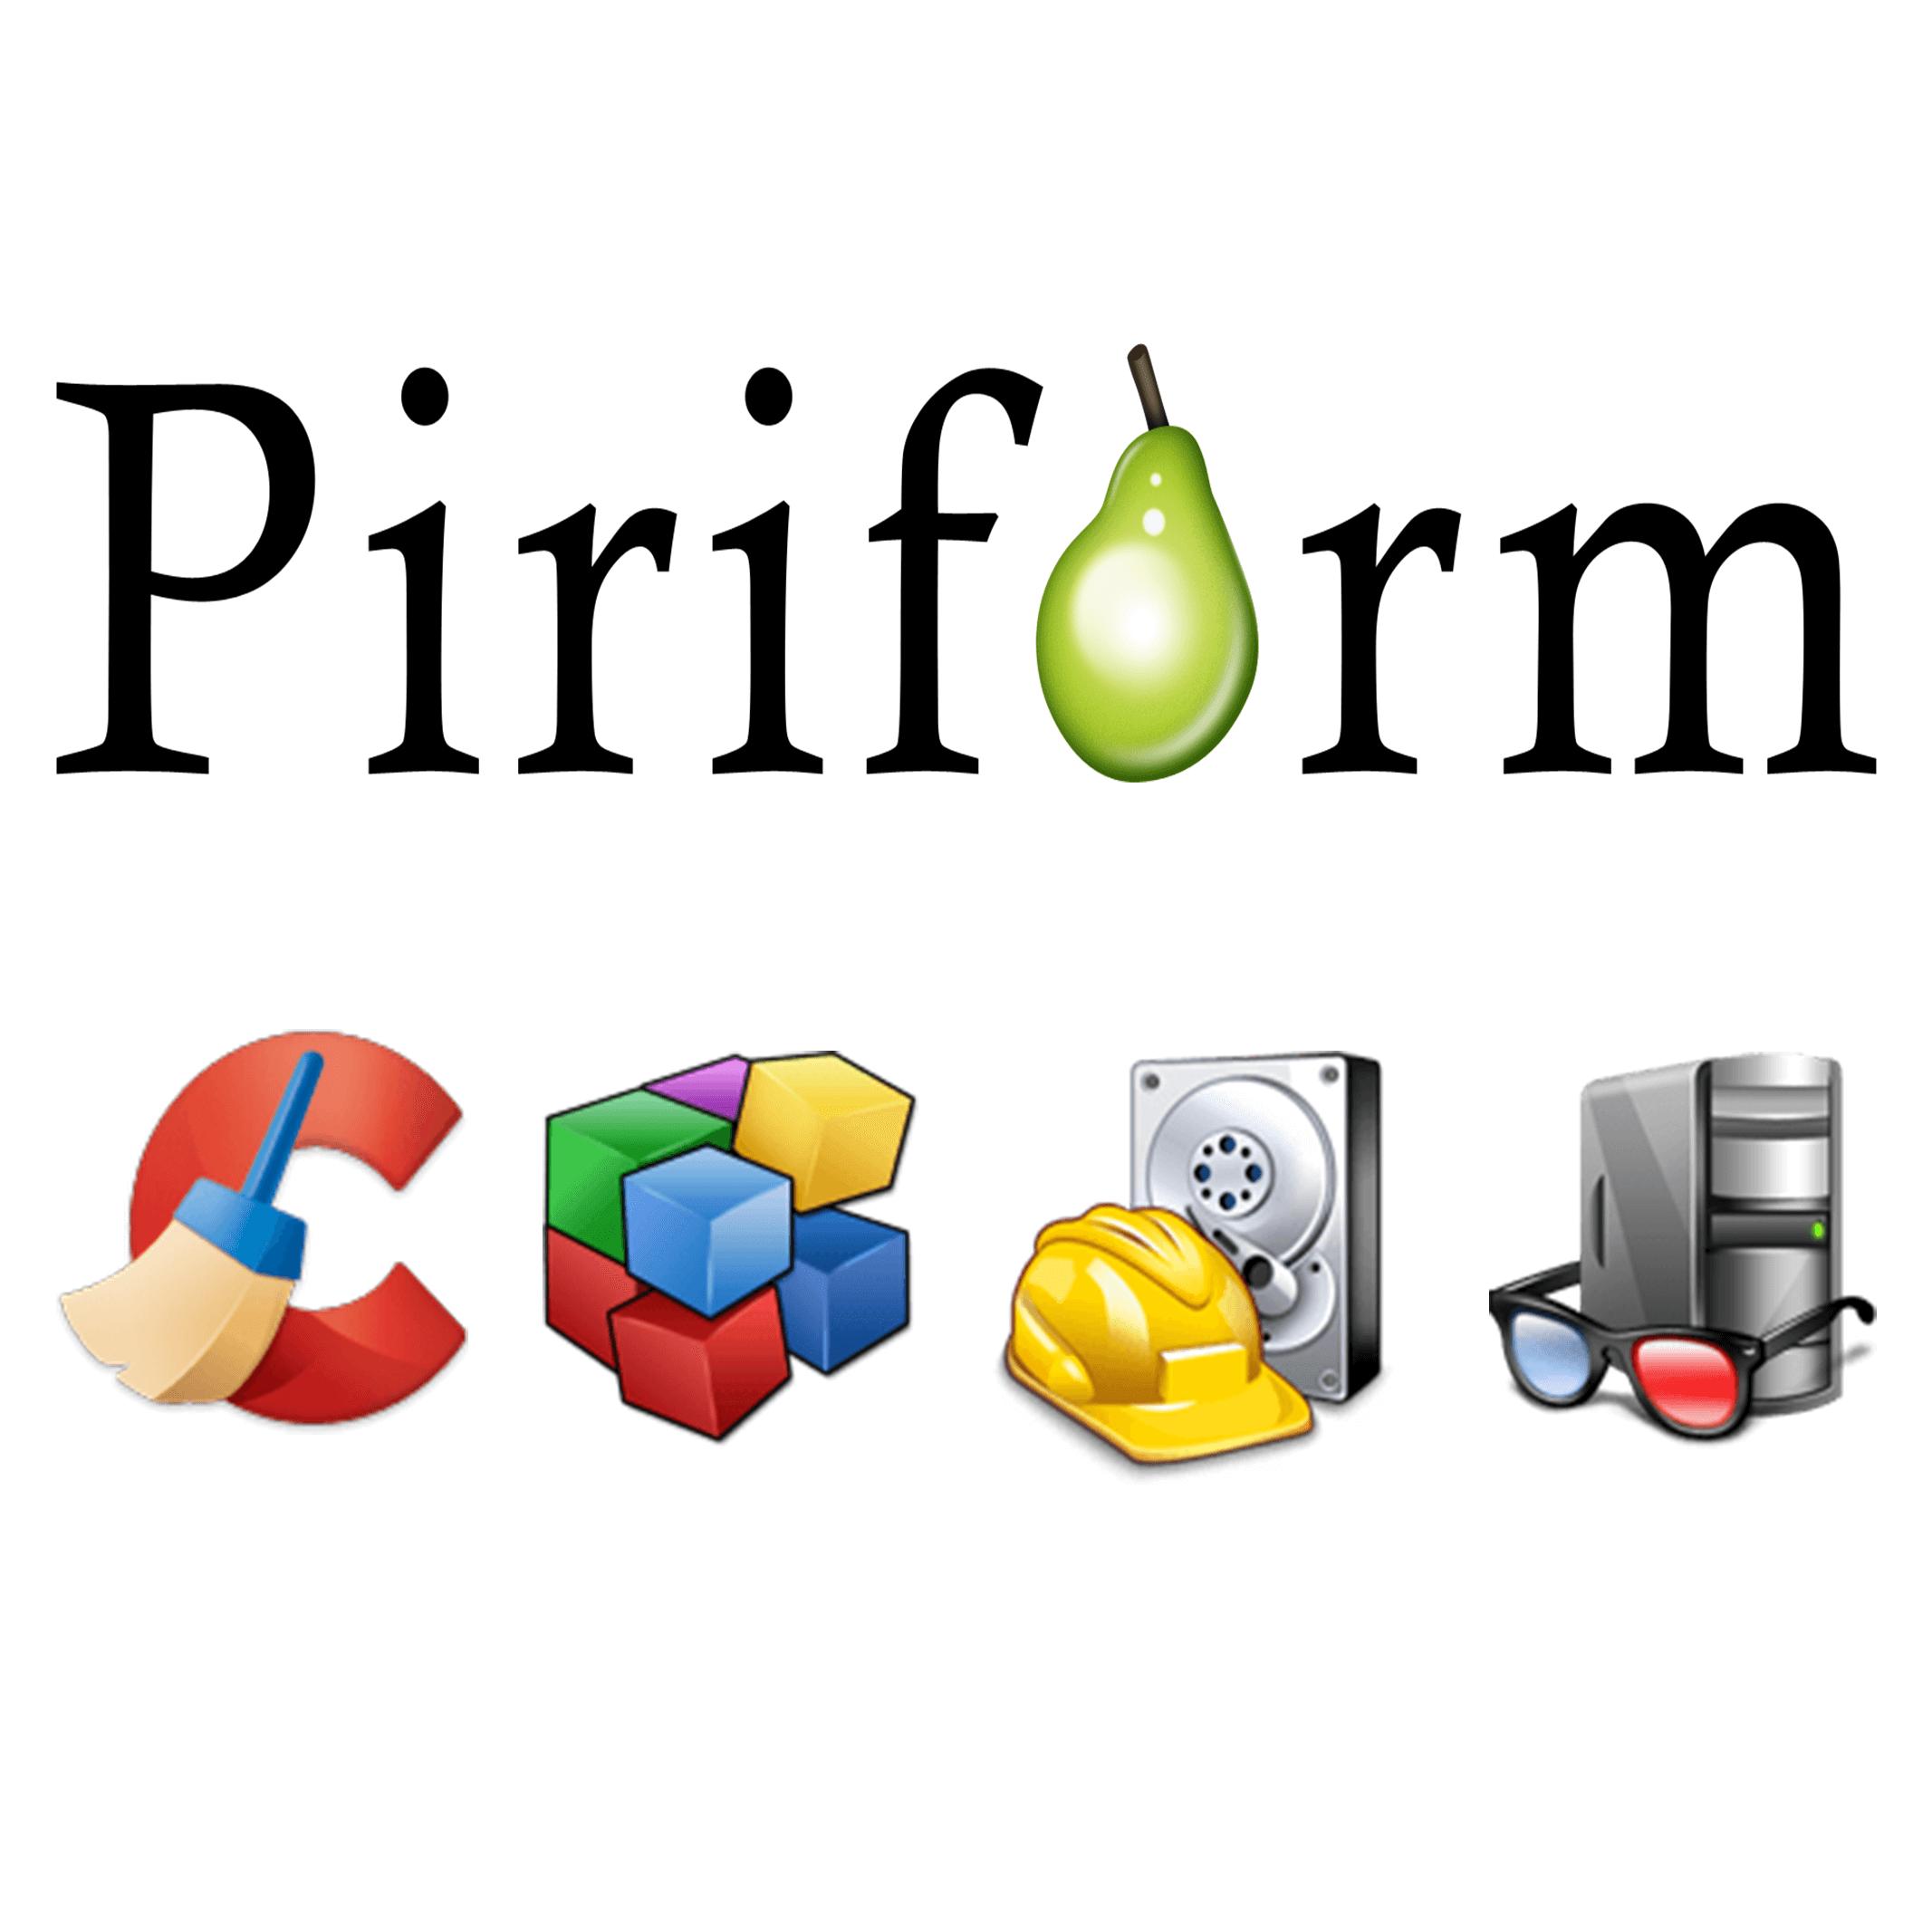 【CCleaner】あの超優良ソフトウェア会社『Piriform』が『Avast』に買収された件